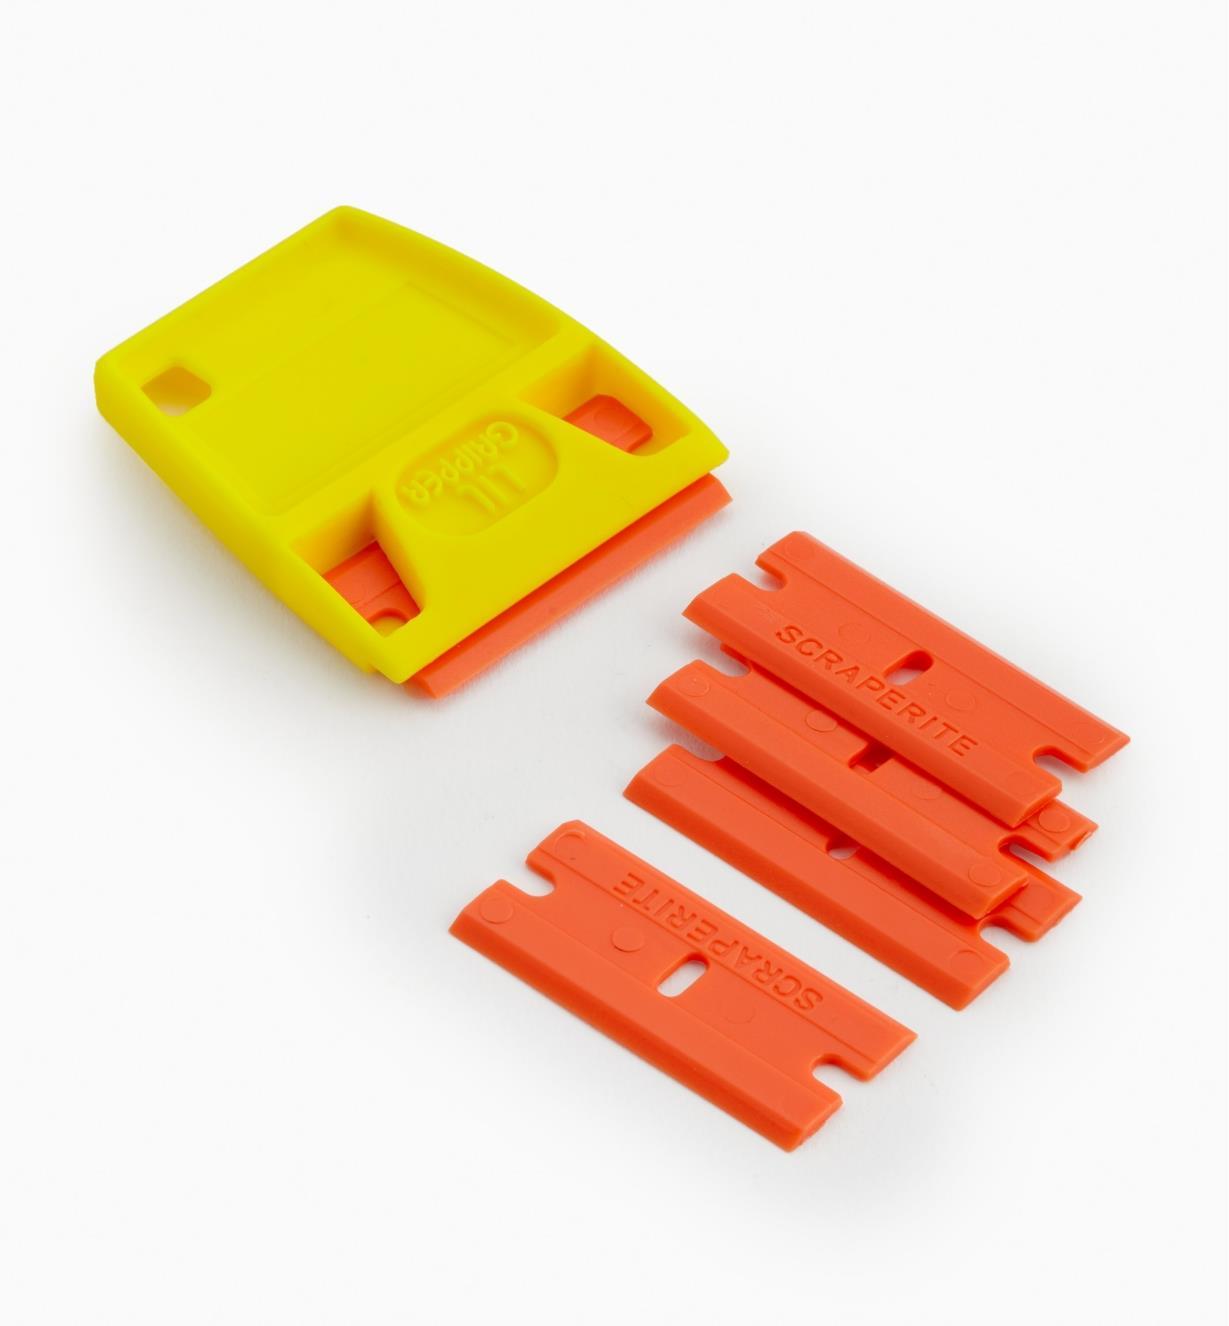 86K0315 - Orange Blades (5) & Holder